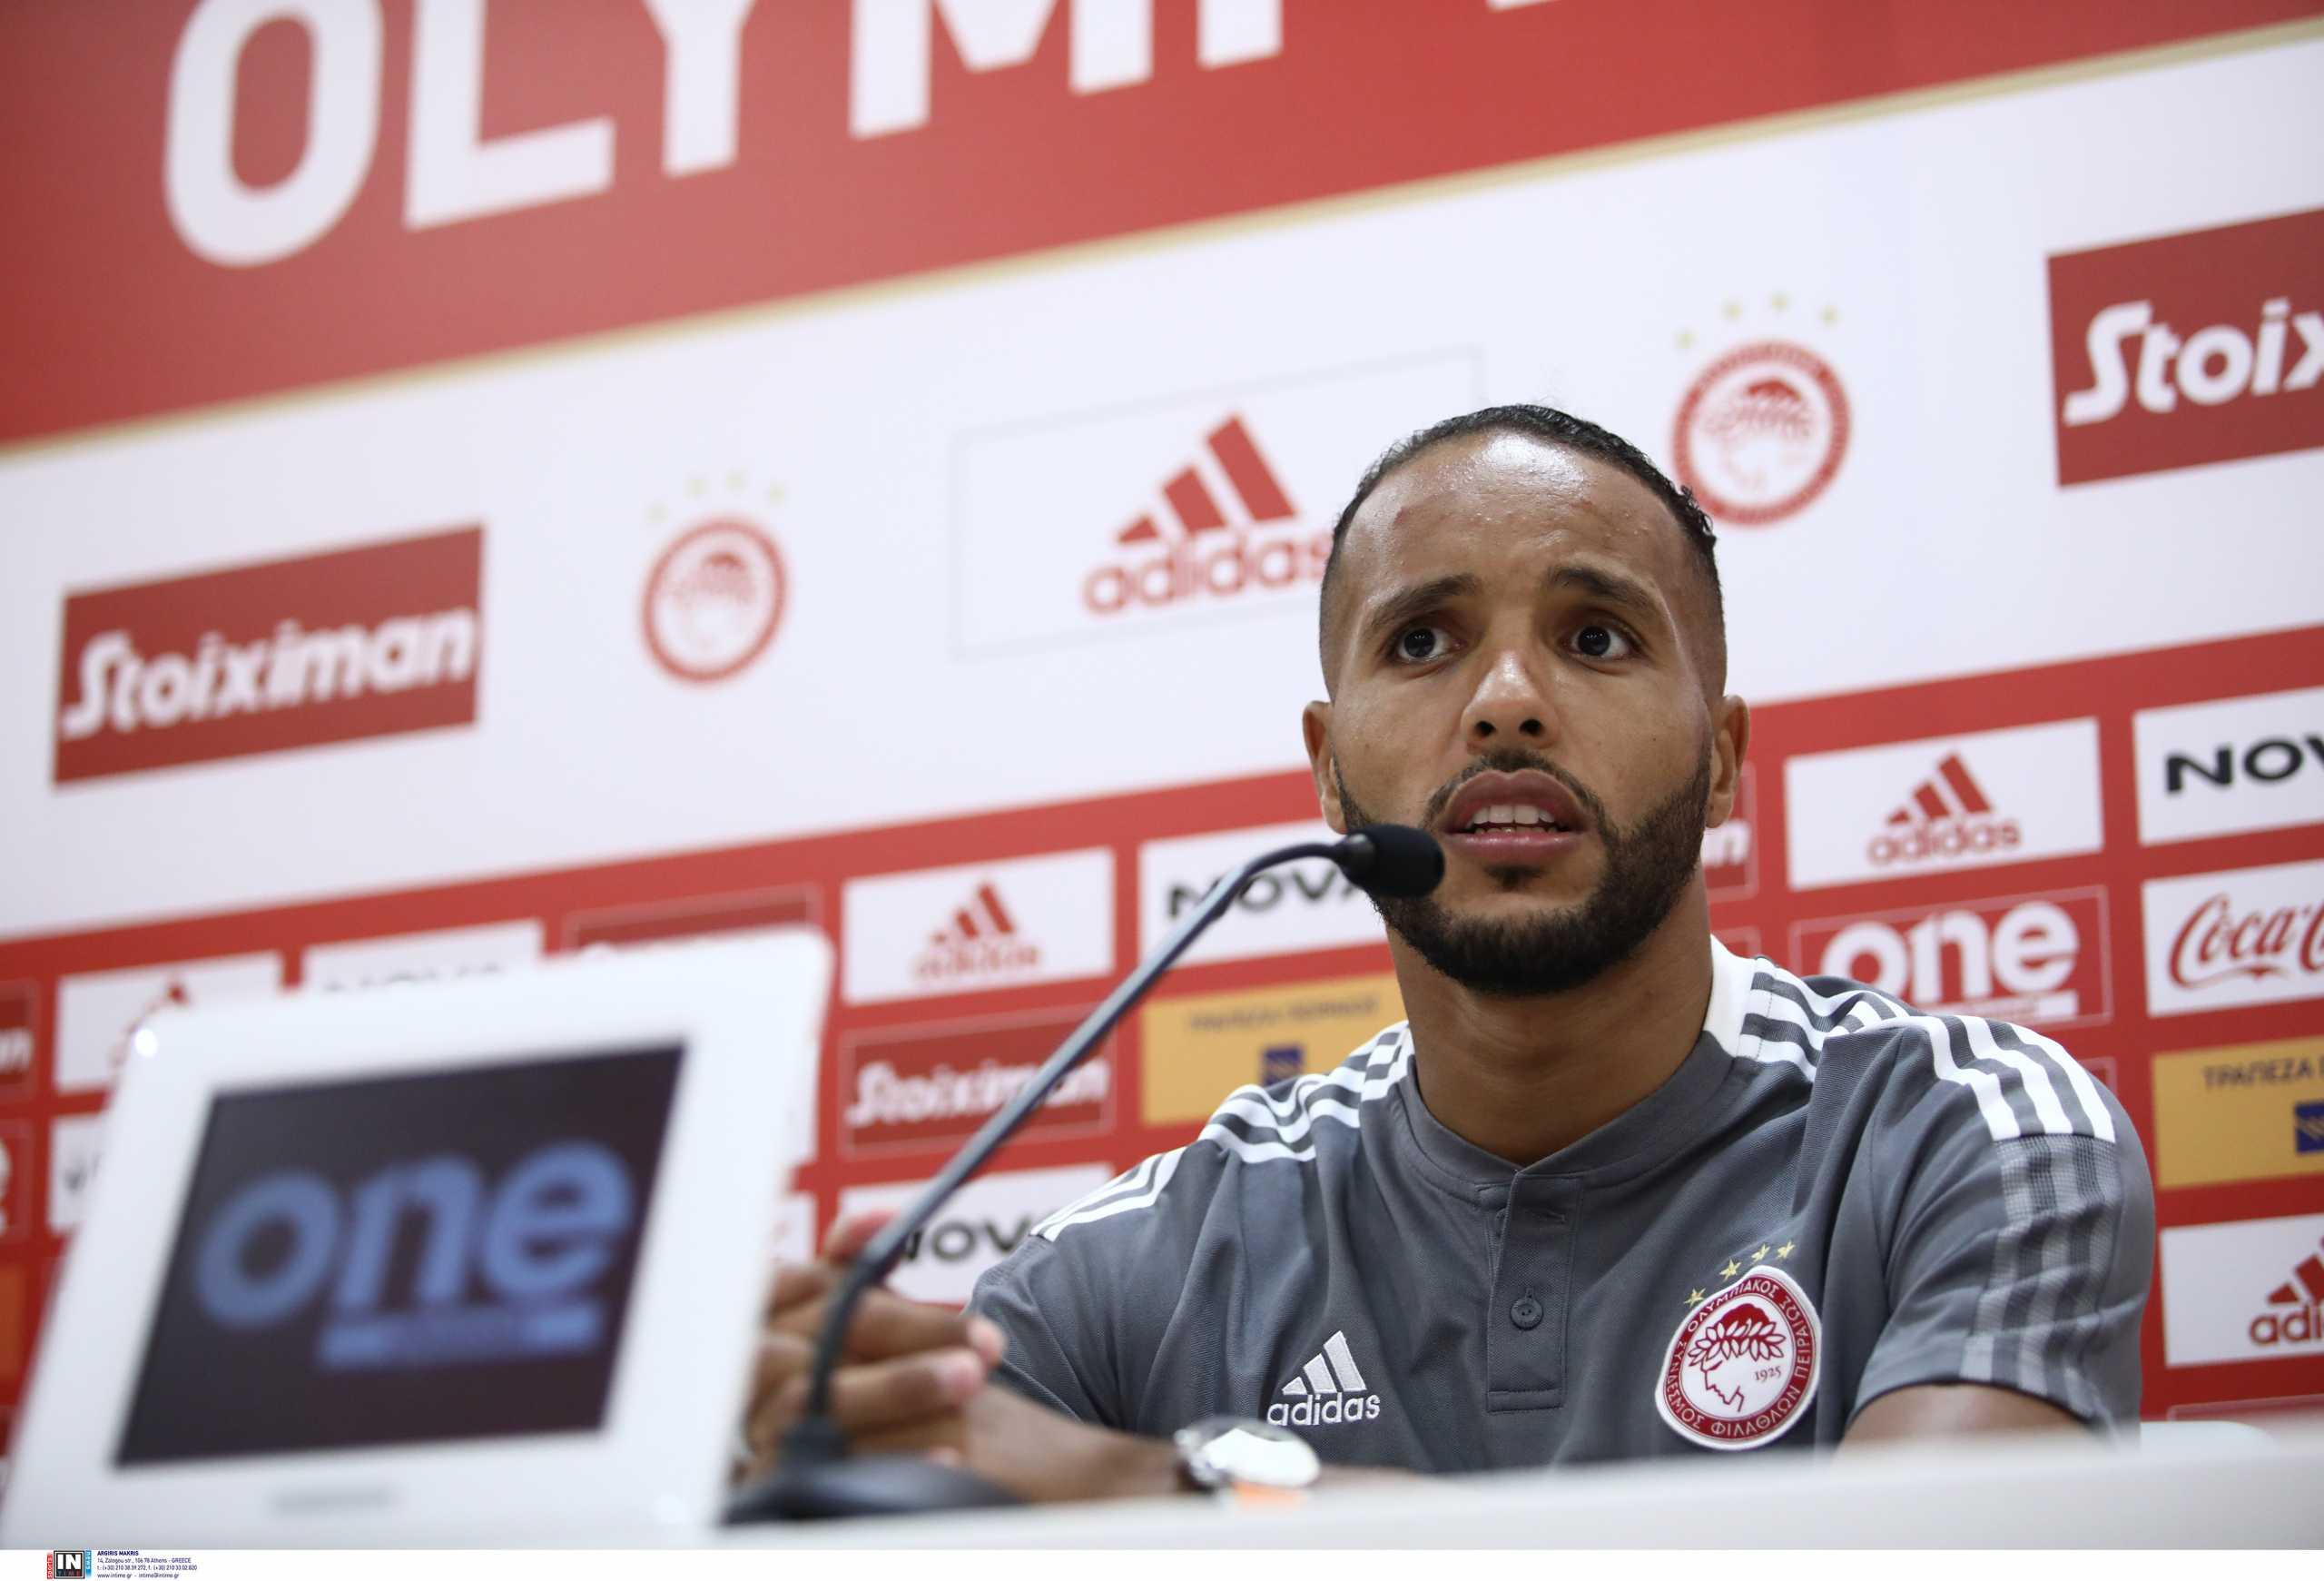 Ελ Αραμπί: «Είμαι έτοιμος να βοηθήσω την ομάδα στον «τελικό» με την Λουντογκόρετς»